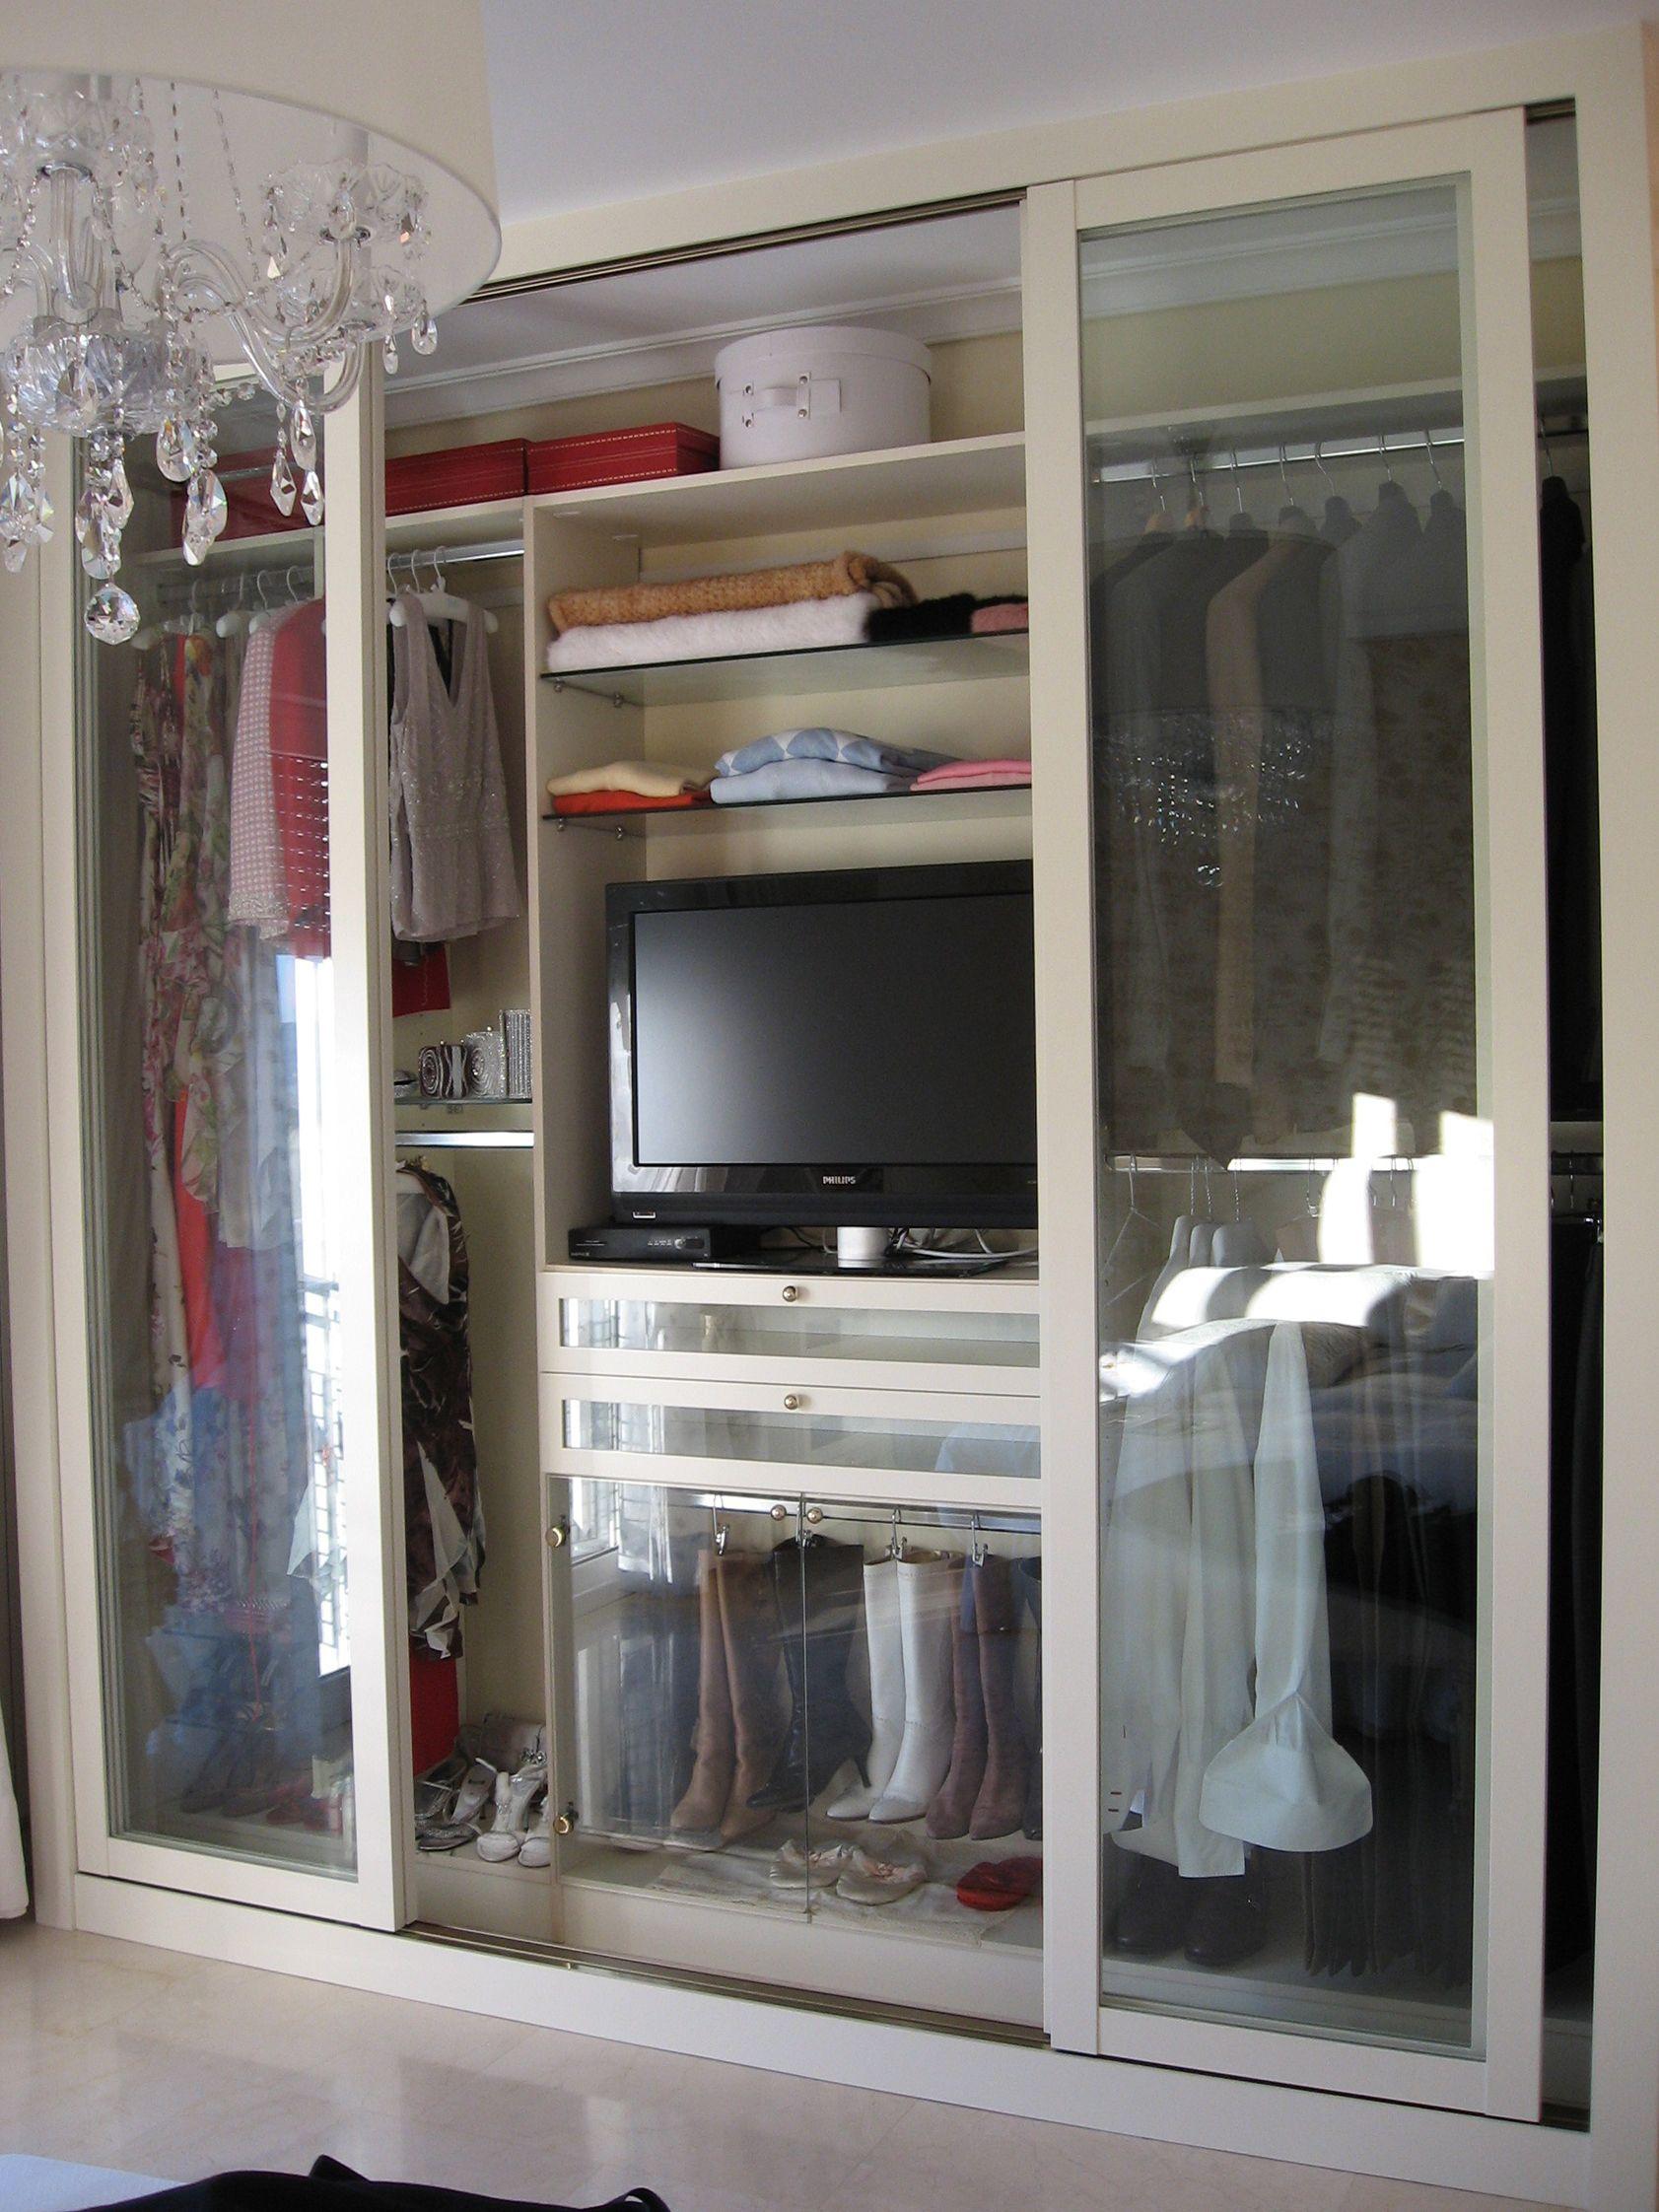 Armario con puertas de cristal y espacio para la t v - Puerta armario cocina cristal ...